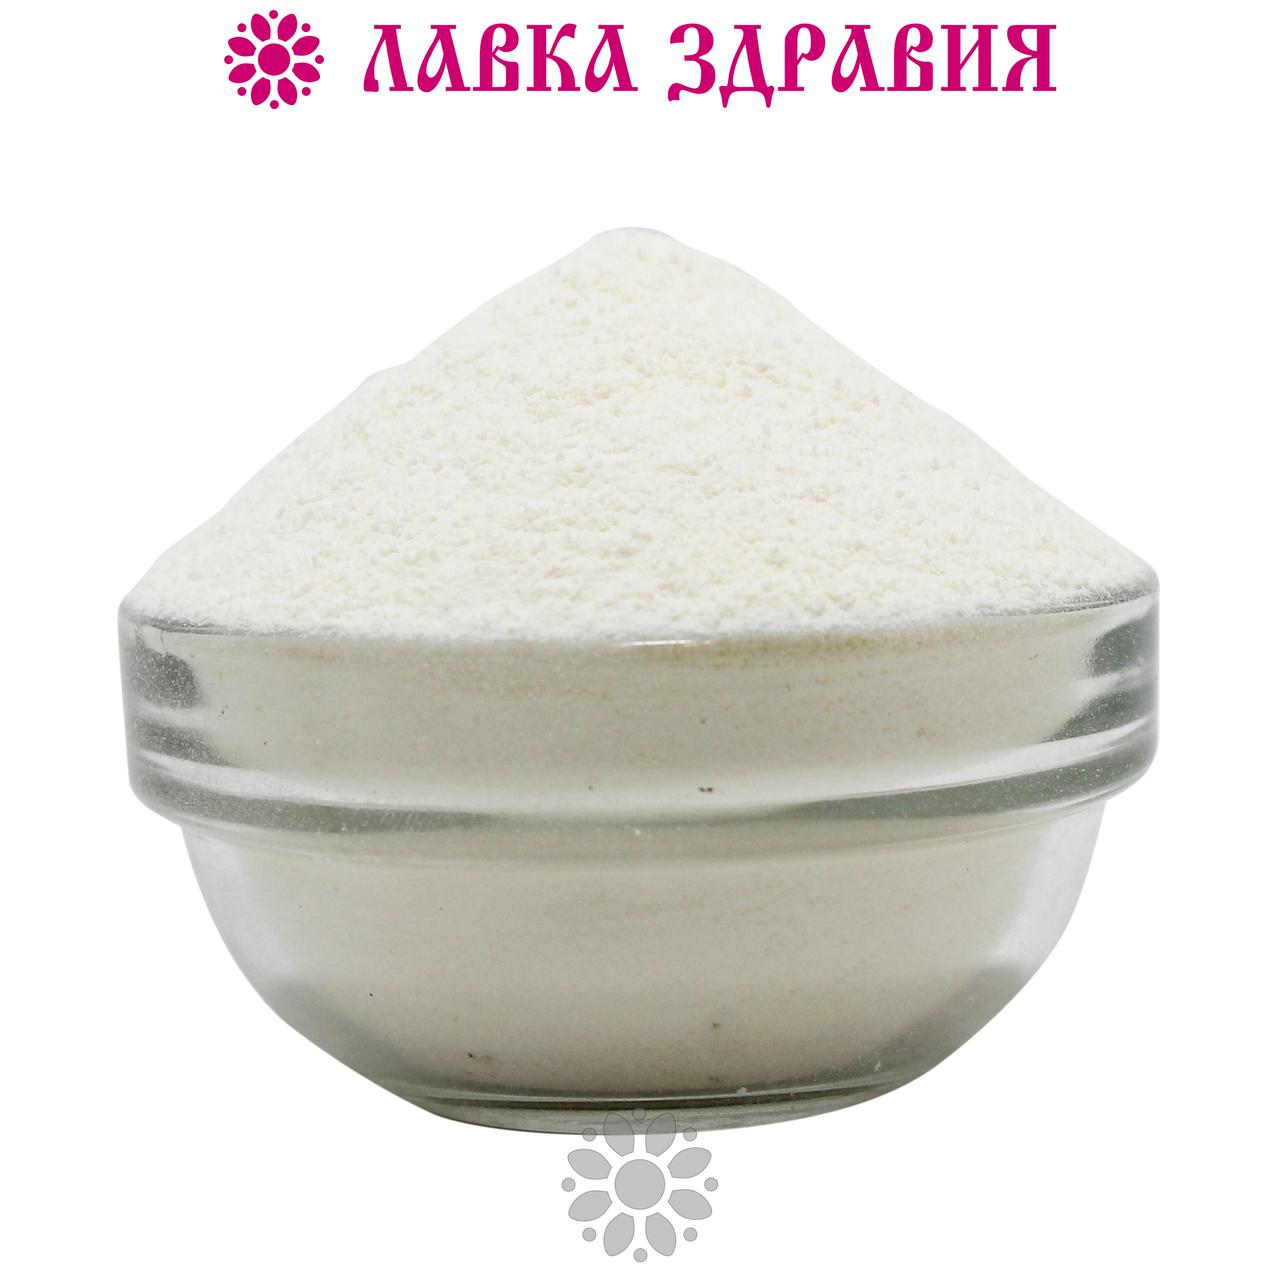 Кокосовое молоко сухое (сливки), жирн.64%, Польша, (премиум-качество, легко растворимое), 100 г